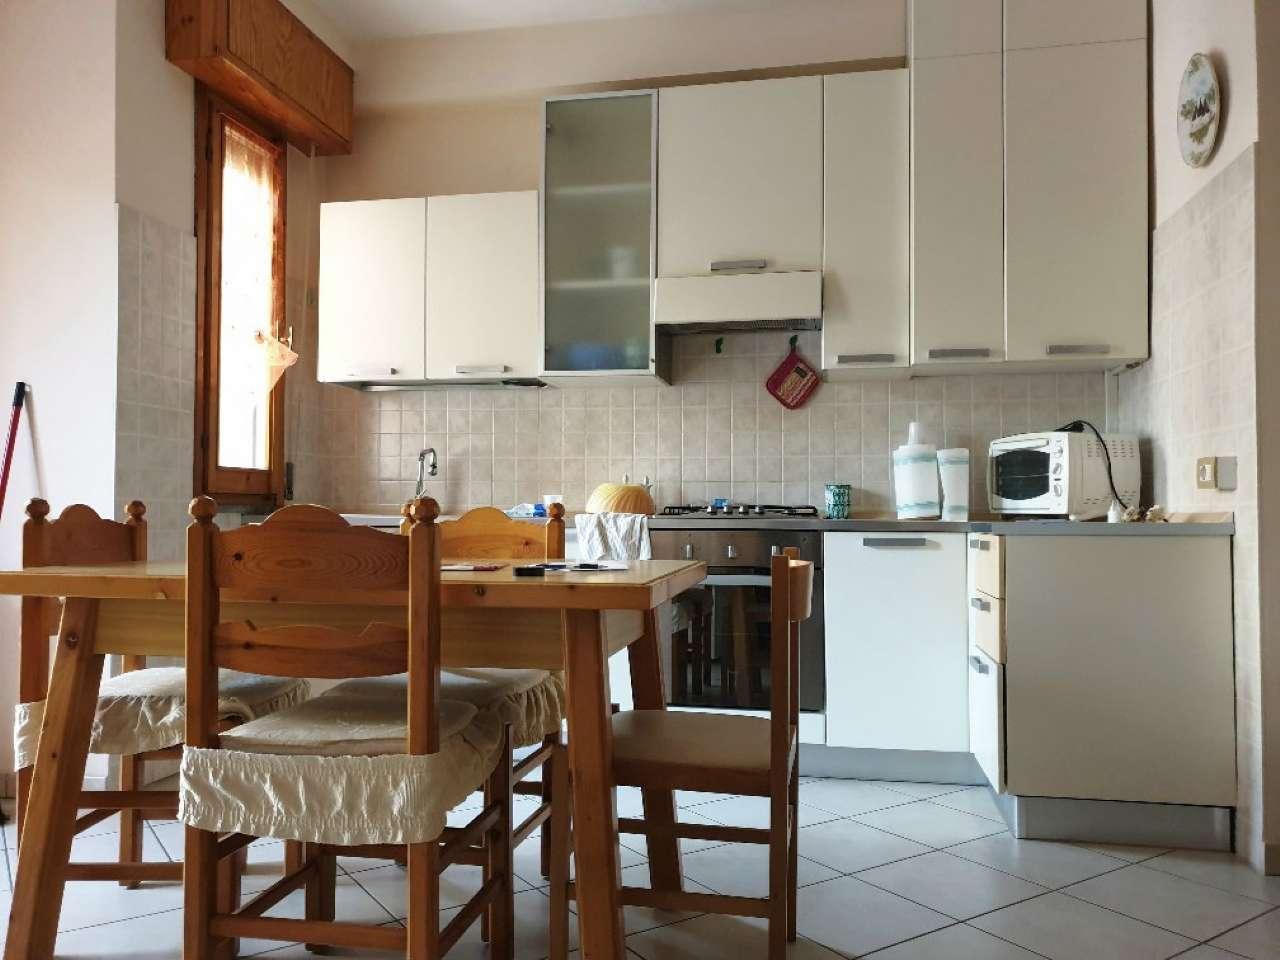 Appartamento in vendita a Bellaria Igea Marina, 3 locali, prezzo € 148.000   PortaleAgenzieImmobiliari.it